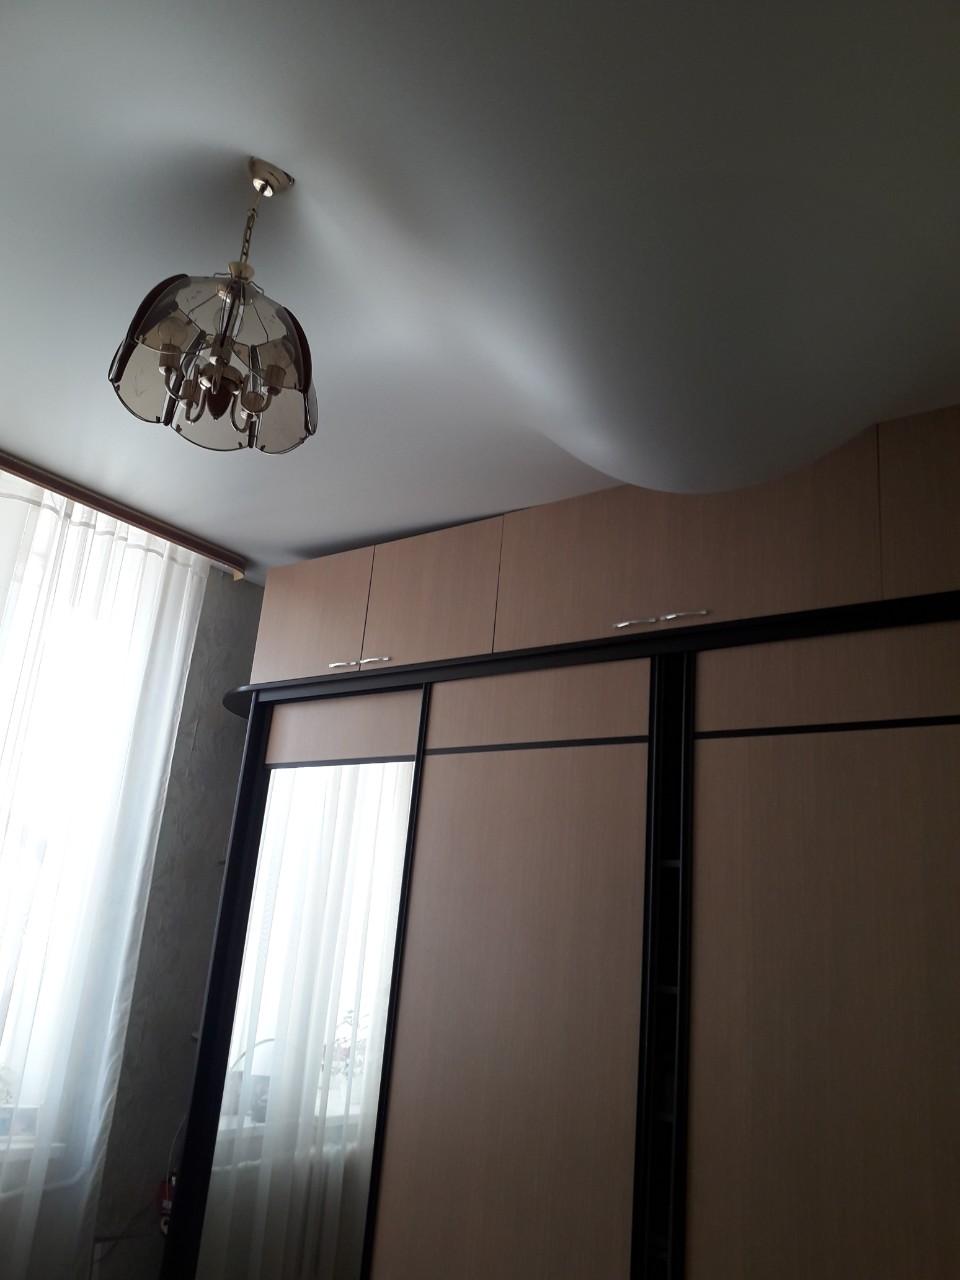 Квартира после пожара. Фото: Натальи Набоковой